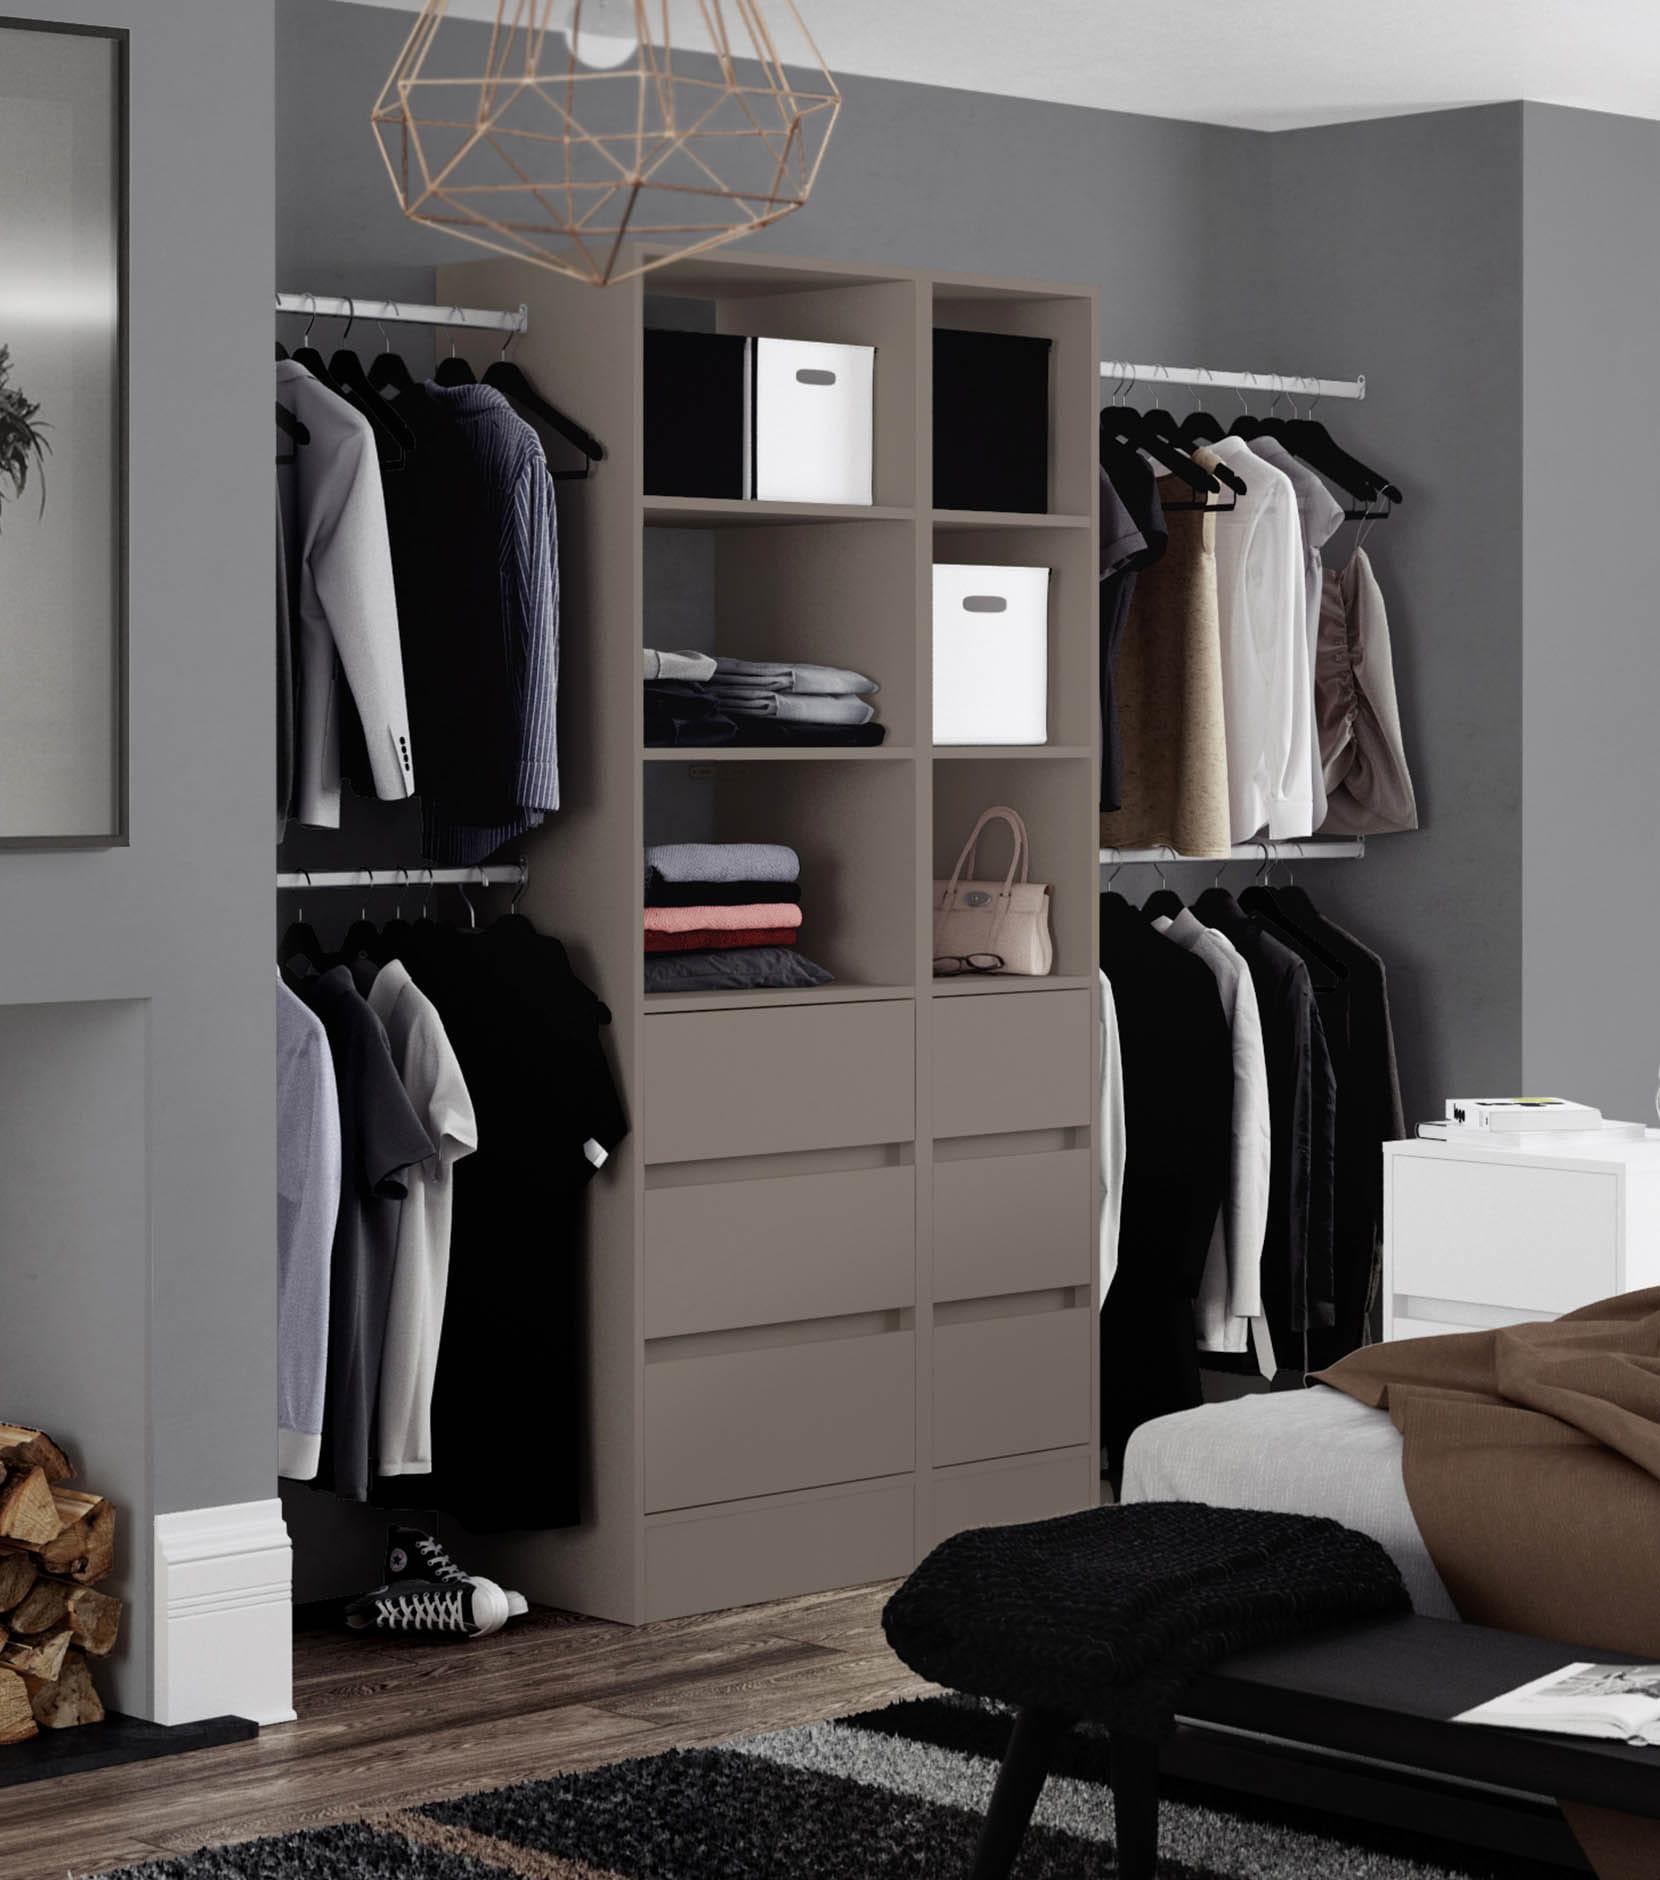 Fitted Wardrobe Interiors Interior Wardrobe Storage Spaceslide